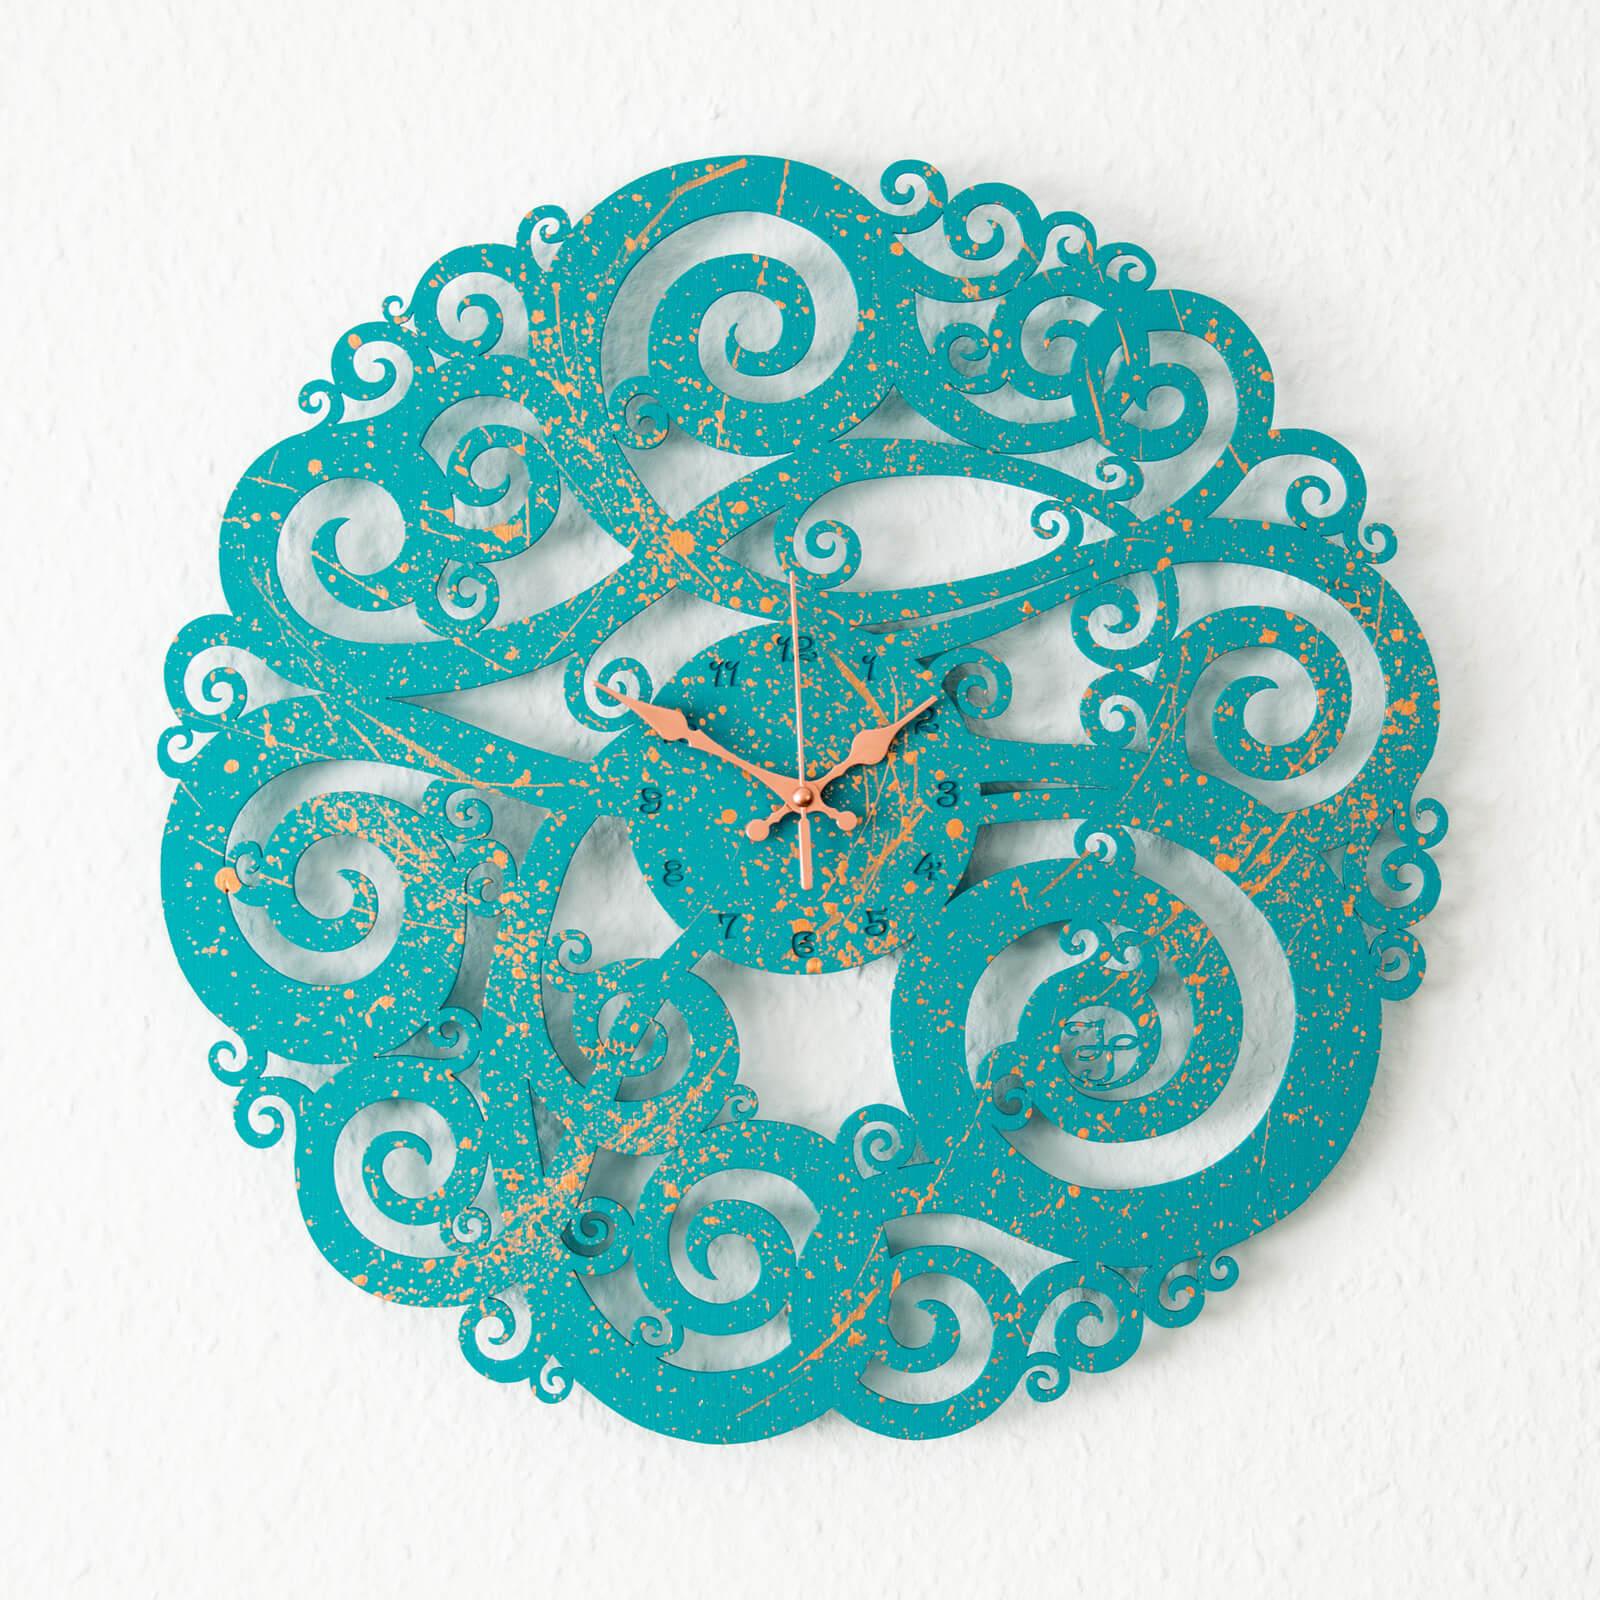 Elegante Wanduhr mit leisem Uhrwerk - für Büro, Praxis oder Rezepzion